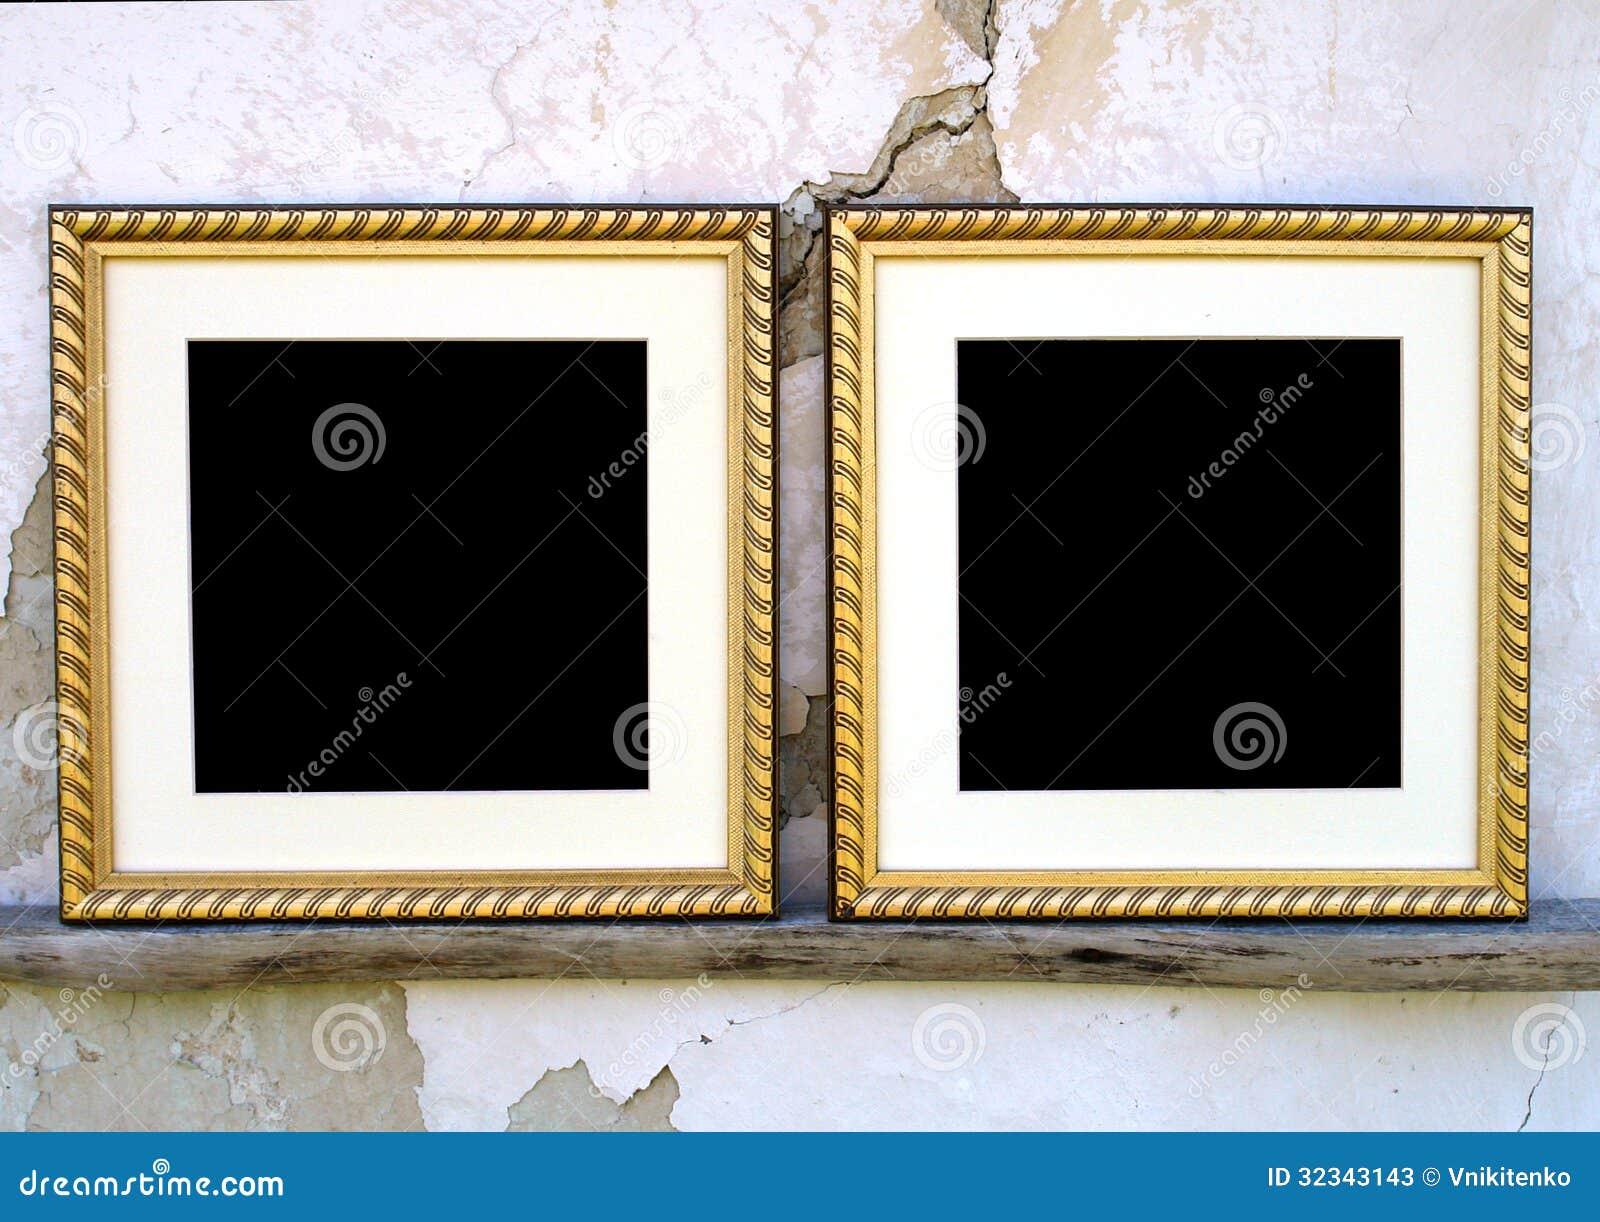 Marcos en blanco imagen de archivo. Imagen de casero - 32343143